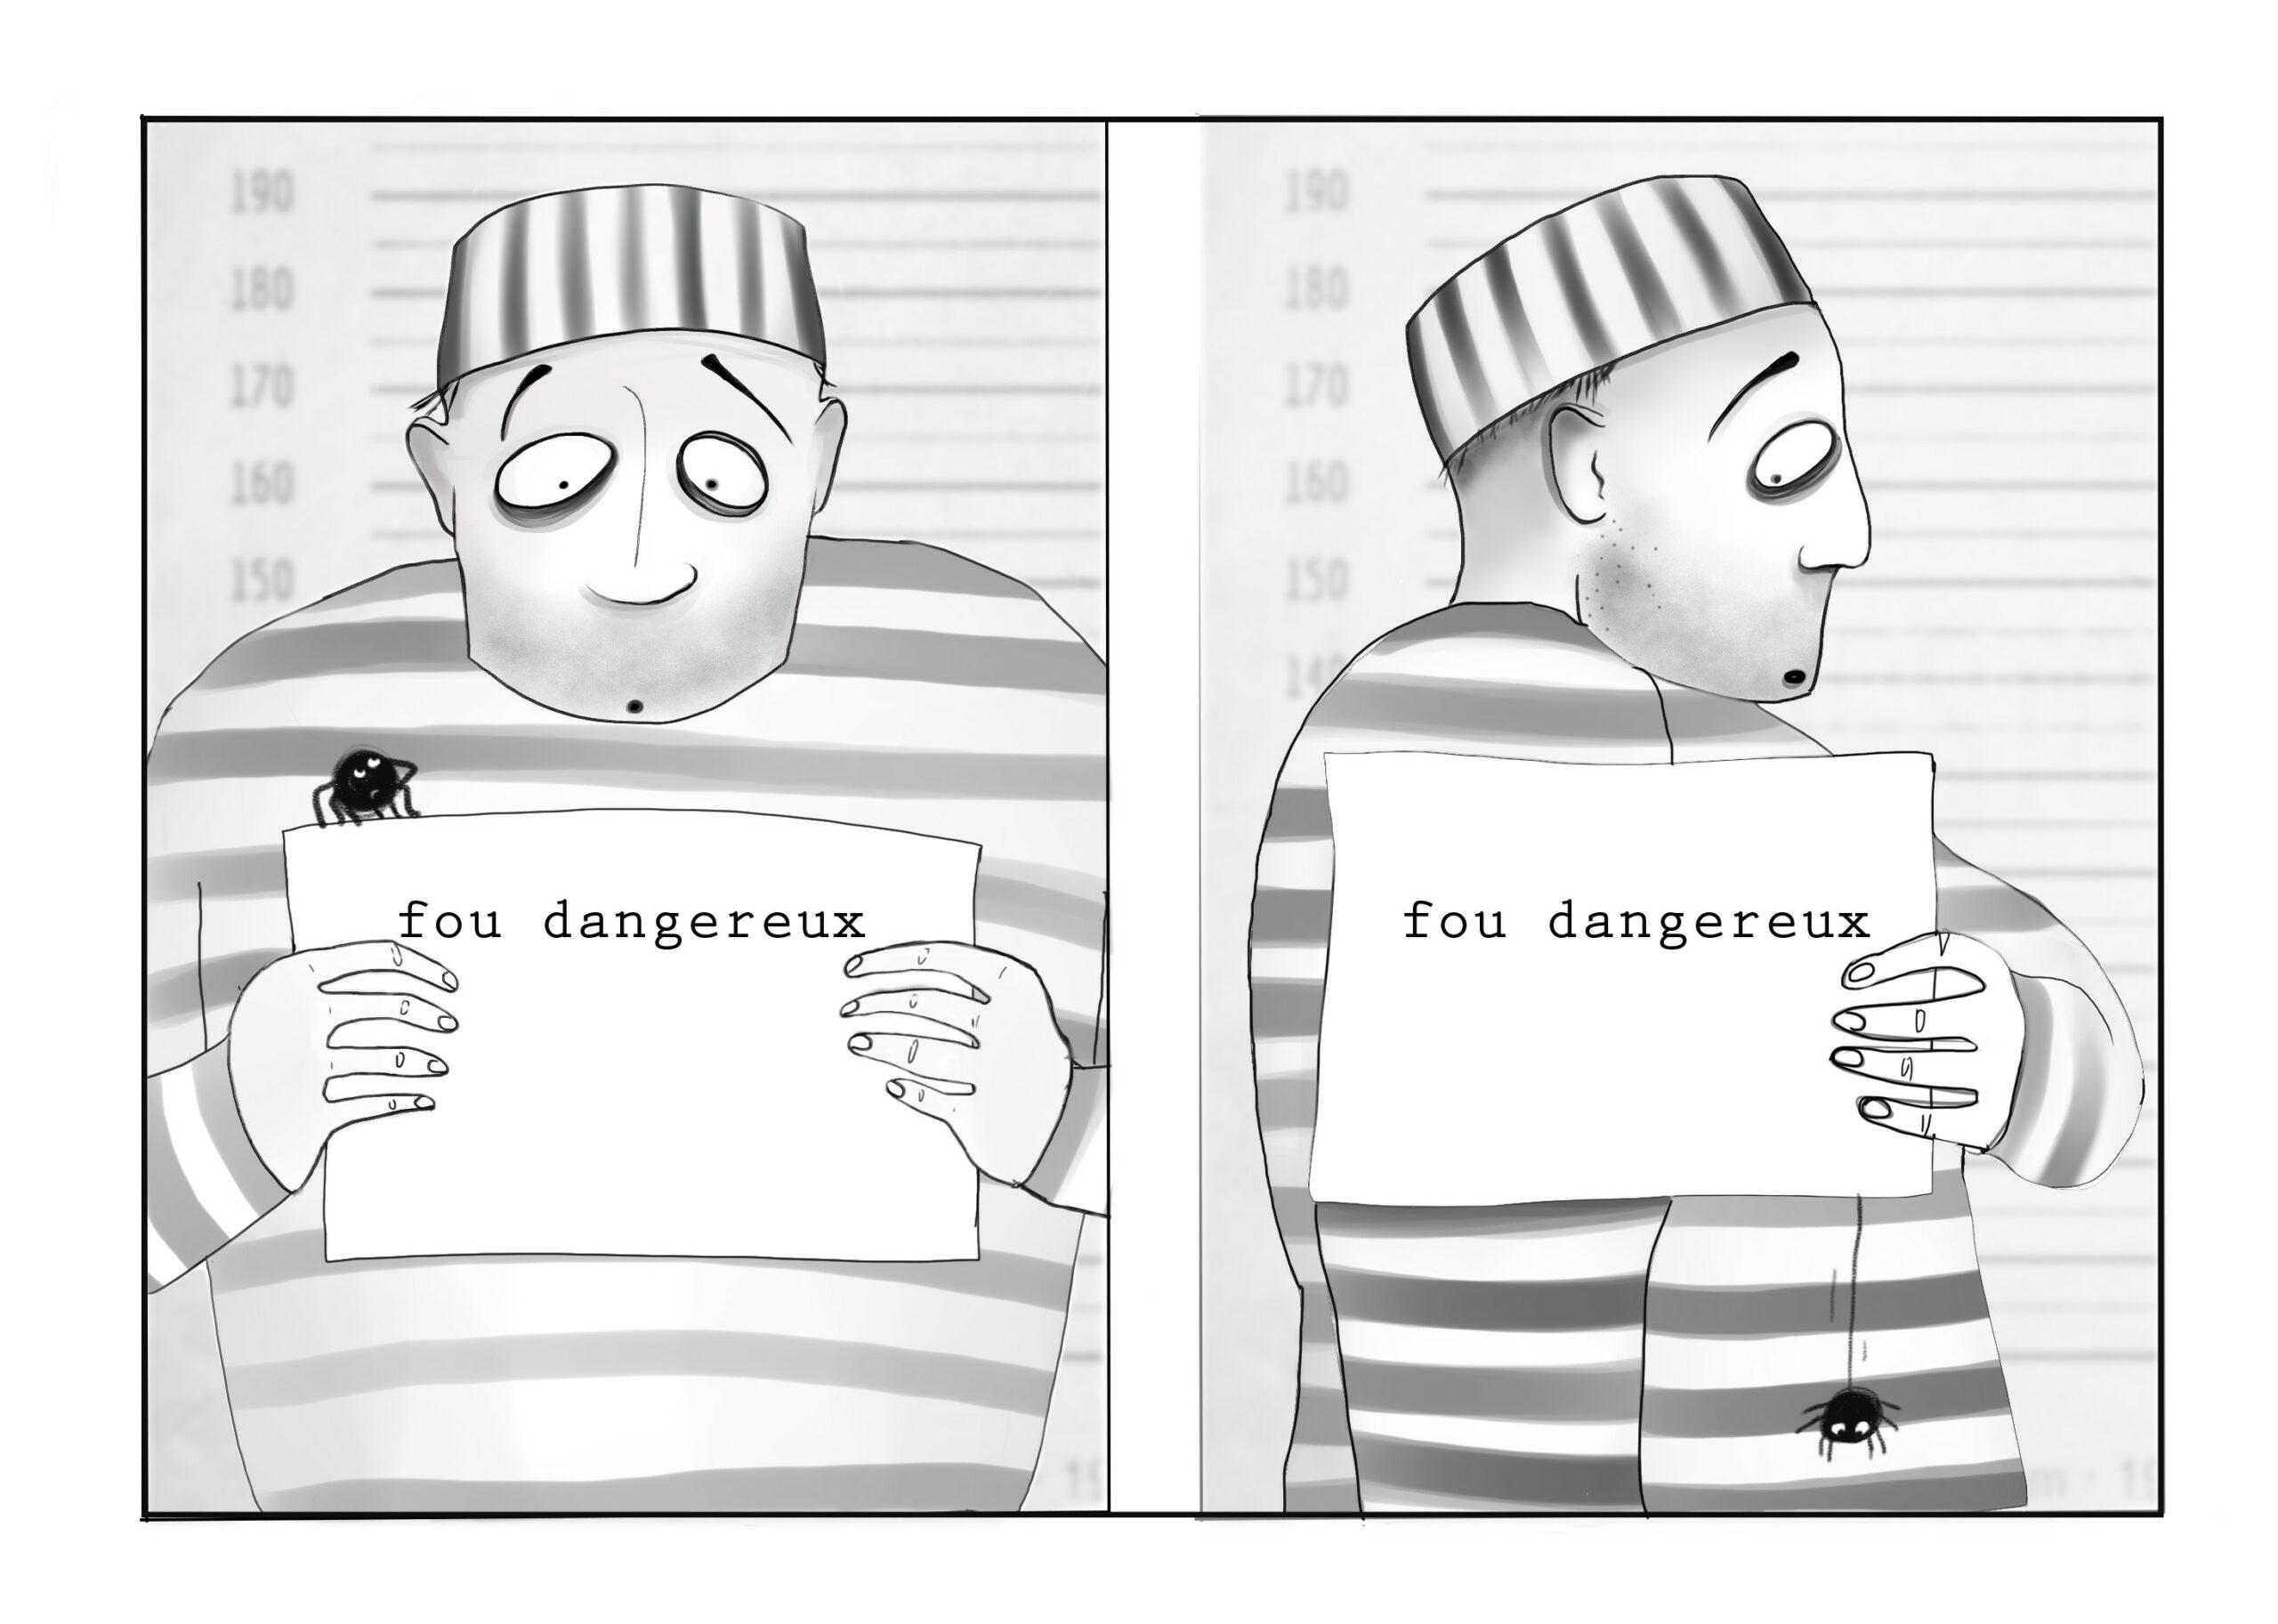 fou_dangereux_araignee.jpg